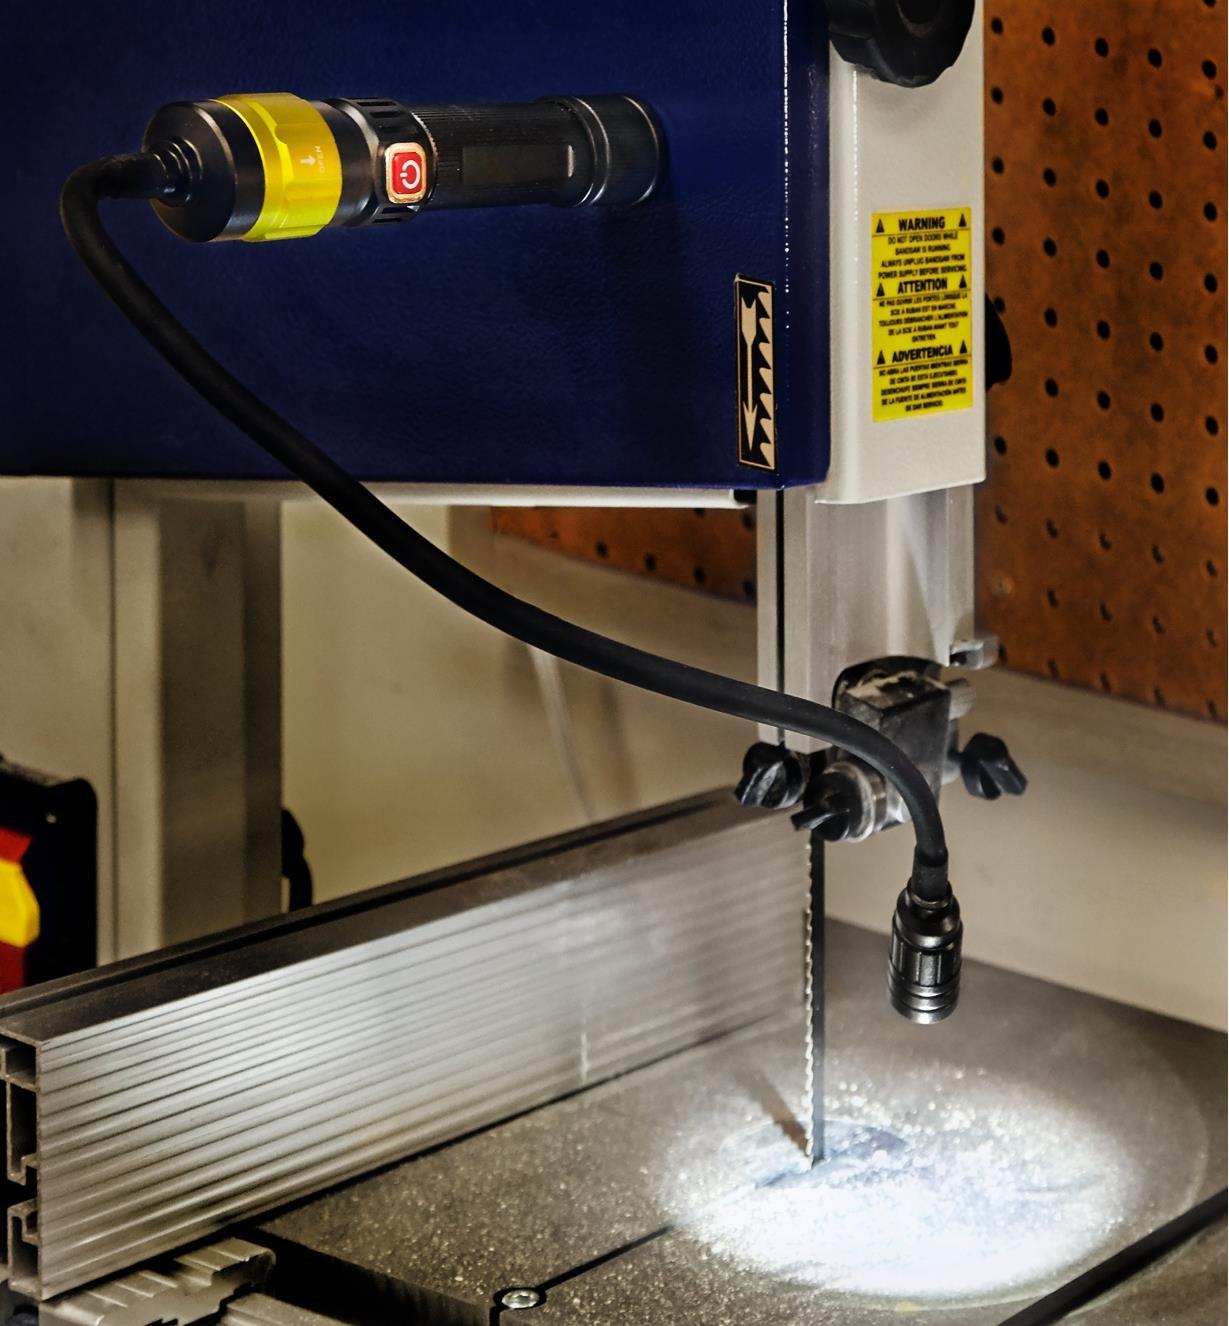 Base aimantée d'une lampe de travail 3-en-1 adhérant à une scie à ruban pour éclairer le plateau avec une lampe à bras flexible